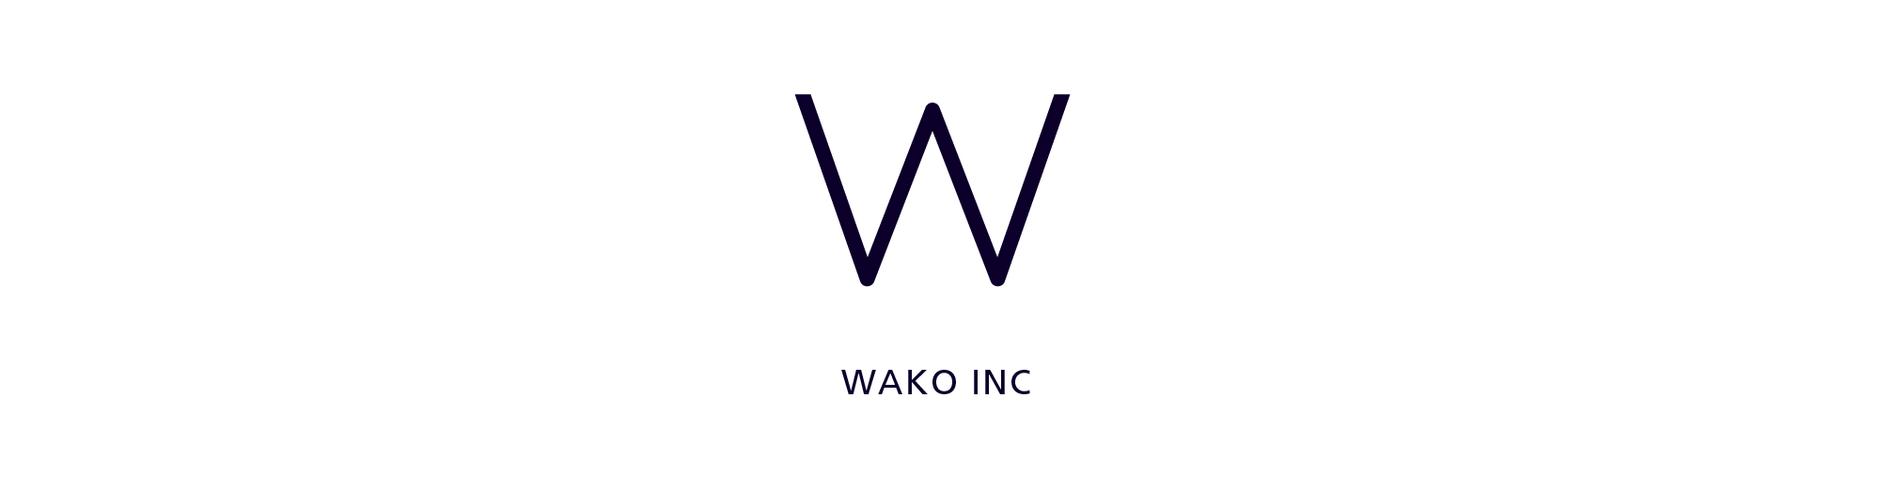 Wako's world